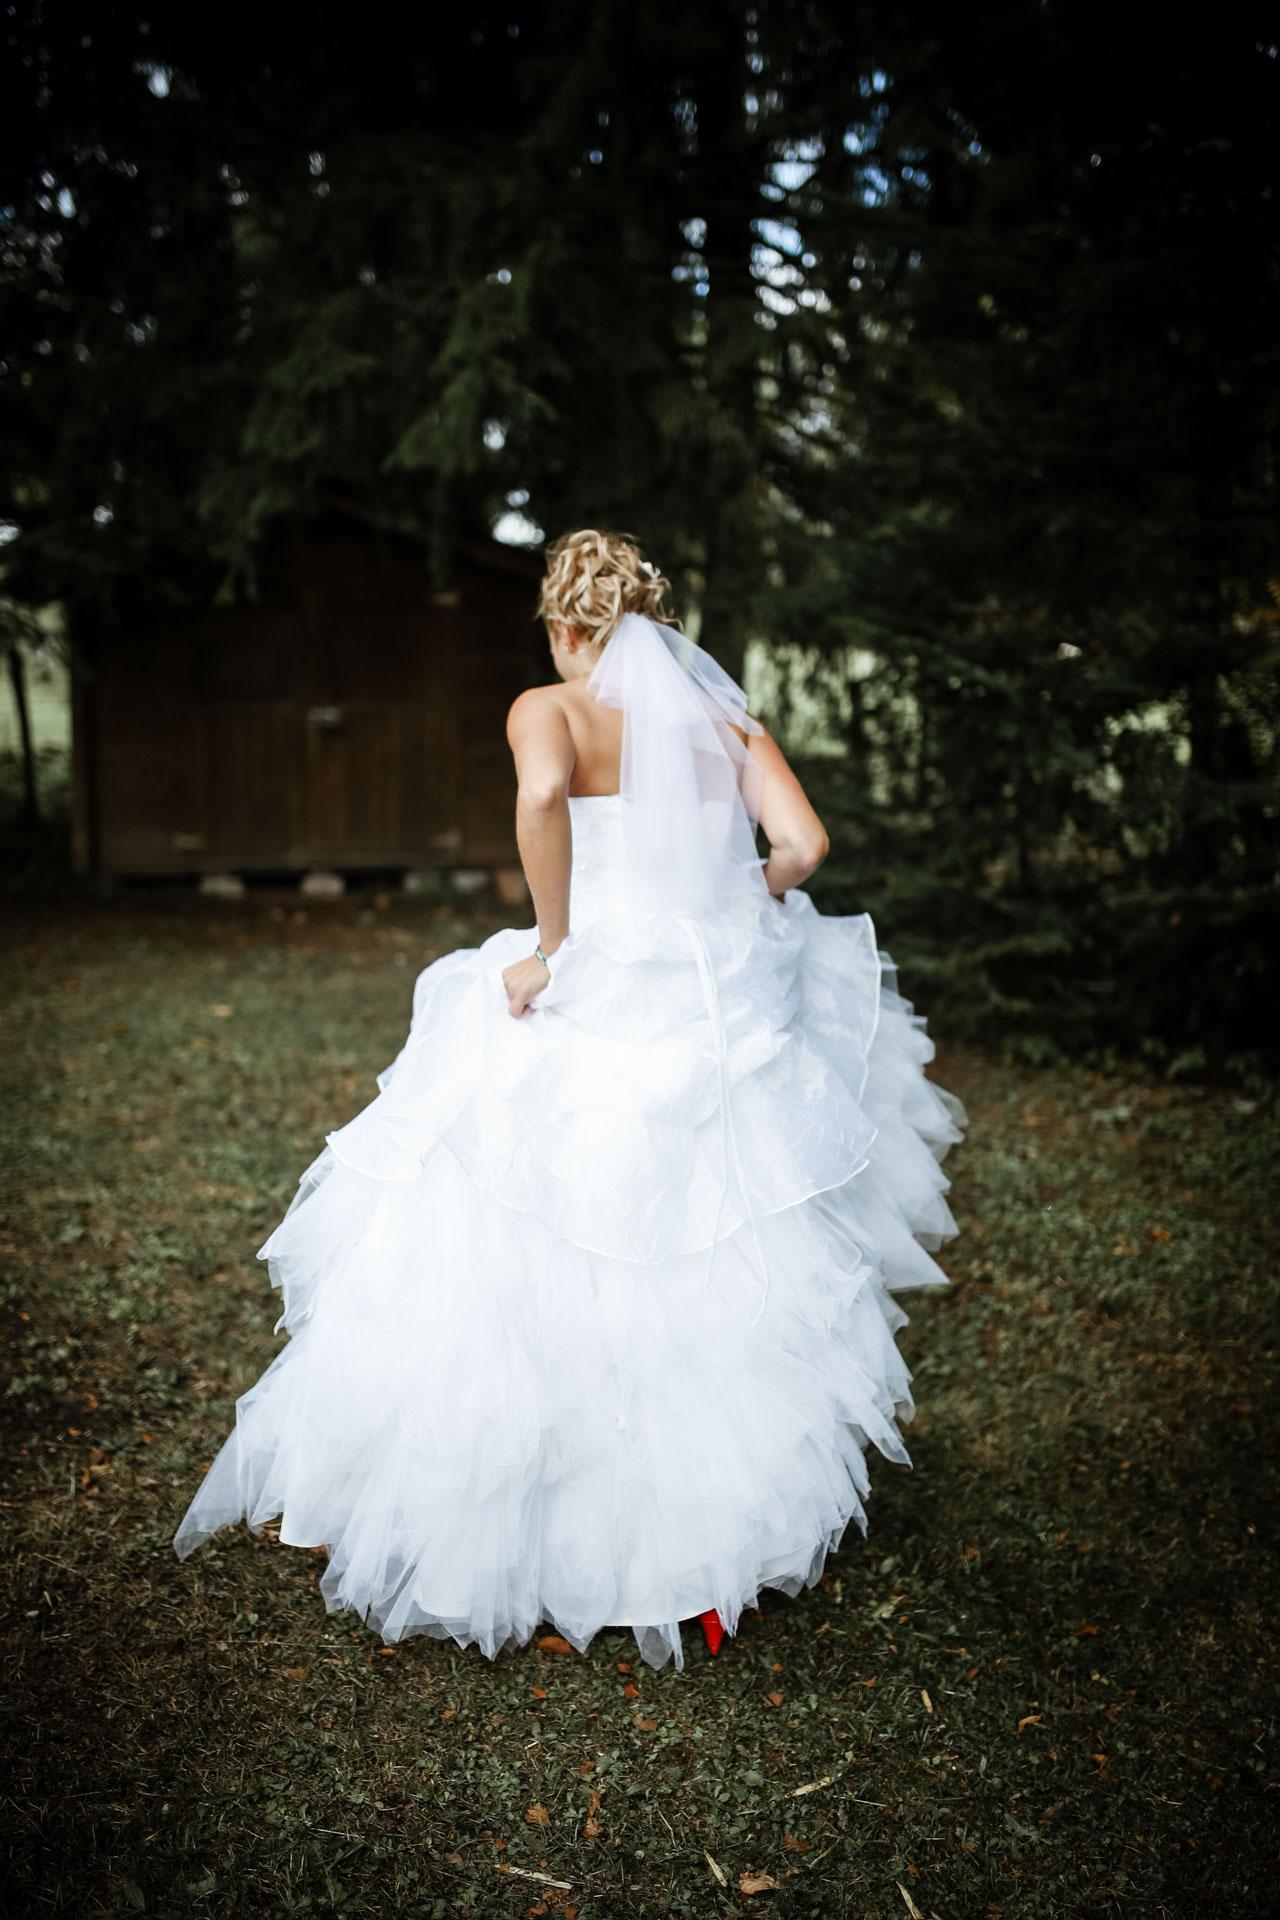 femme mariee qui marche de dos